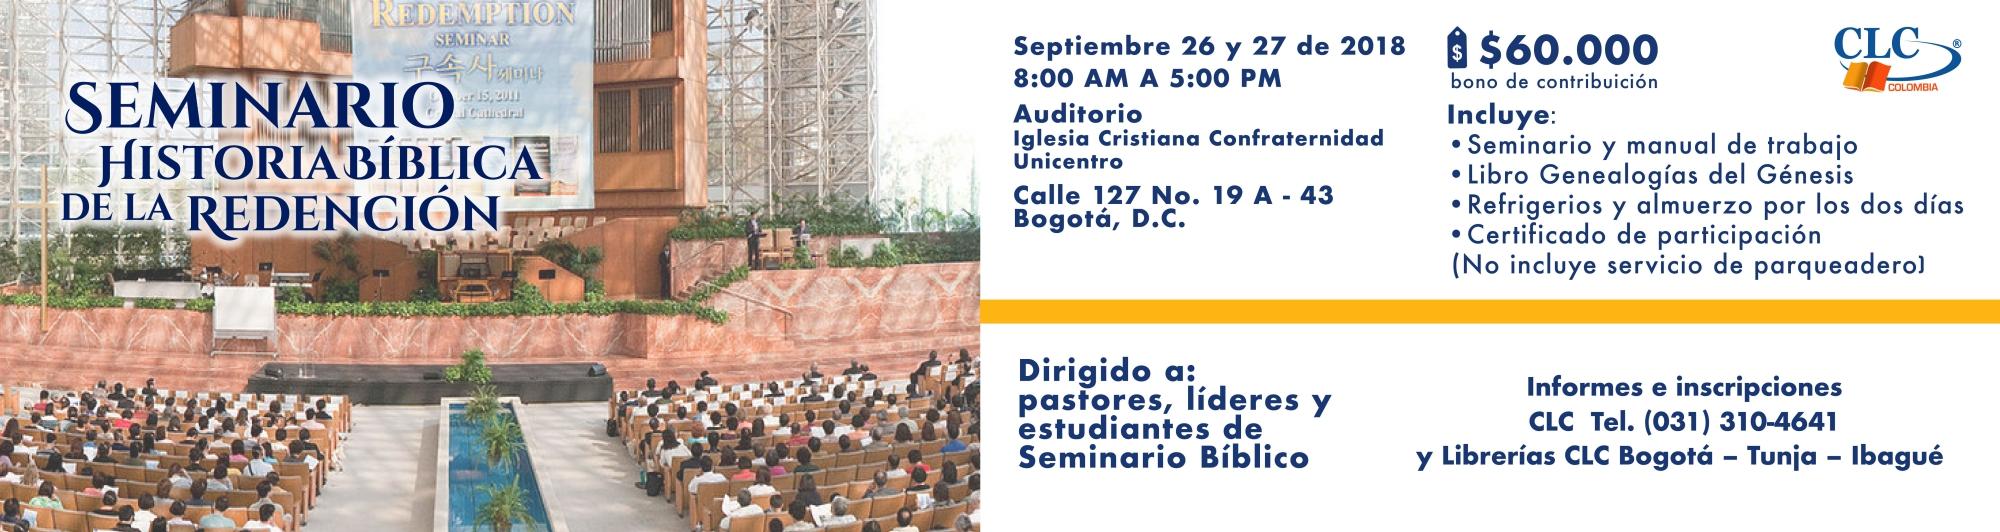 banner plantilla redencion-03 (1)